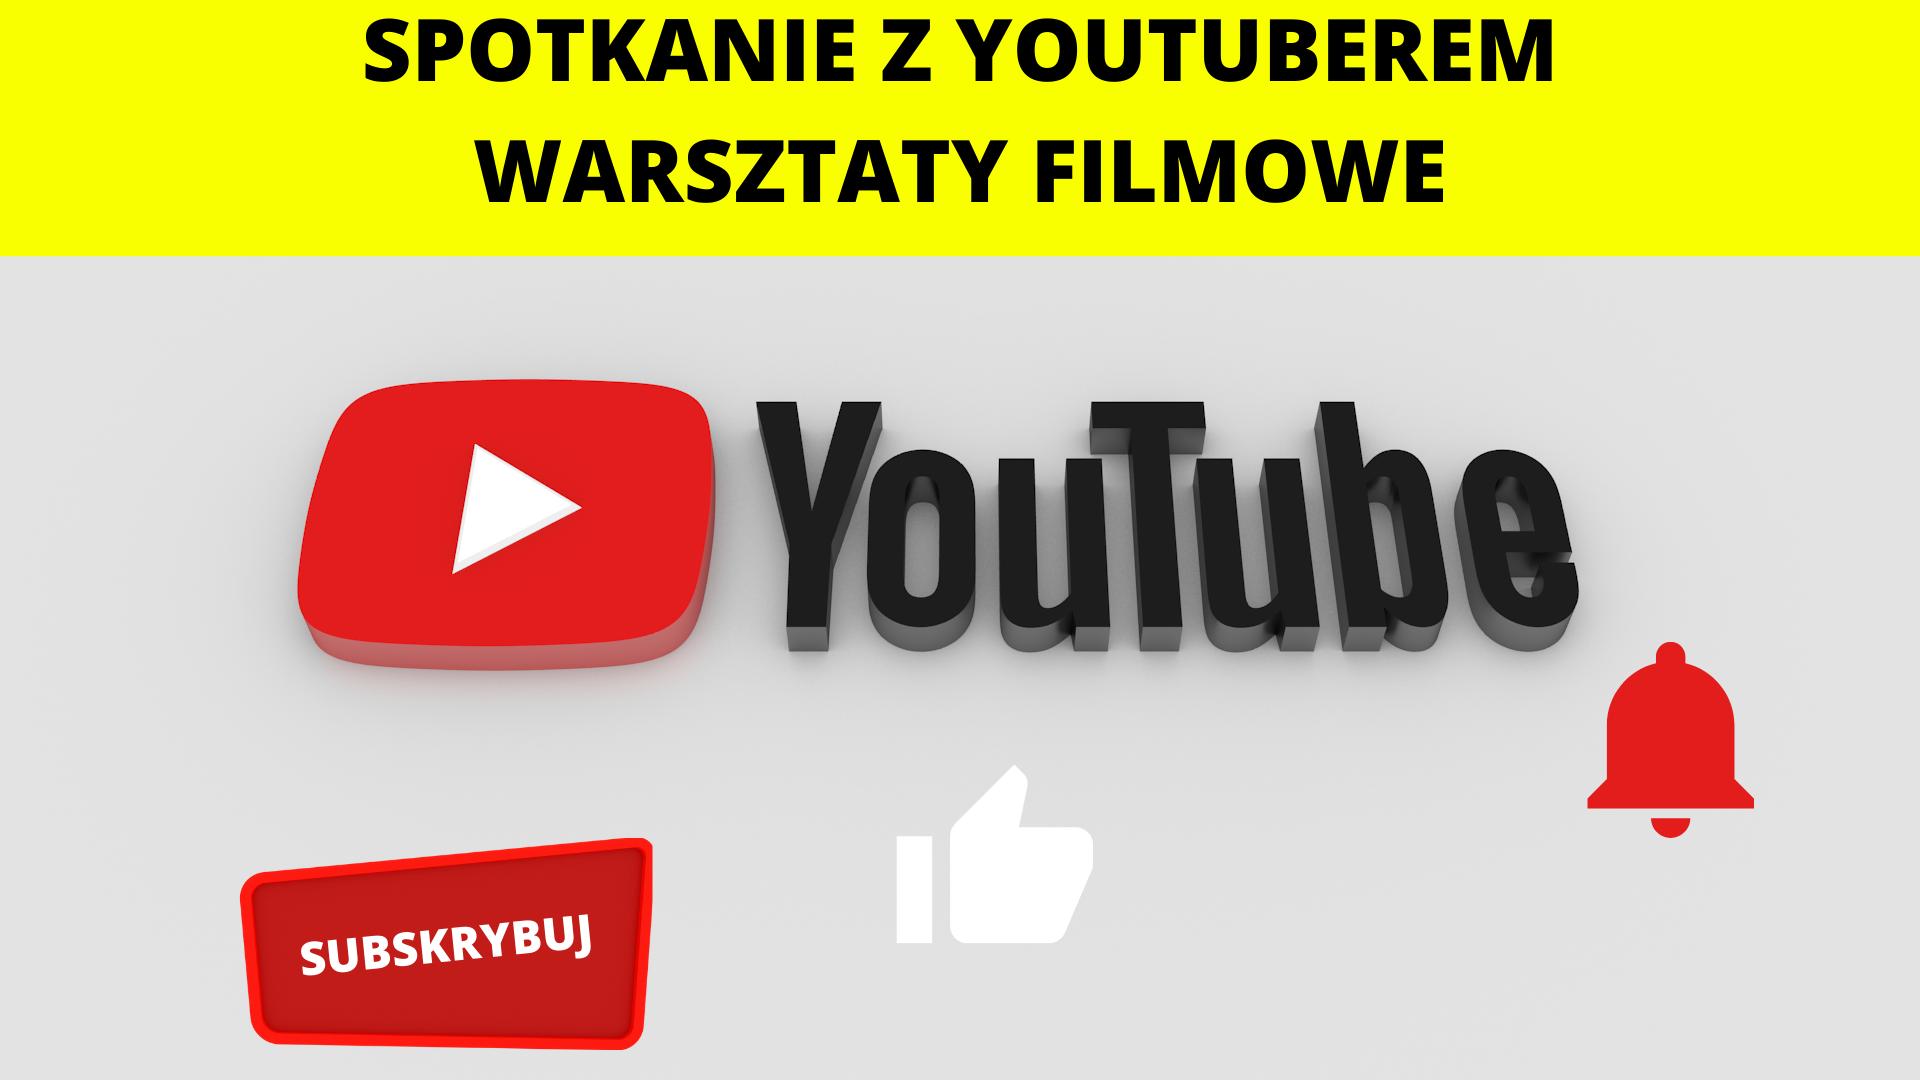 Chcę zostać youtuberem! - Zawód czy hobby? Warsztaty dla dzieci